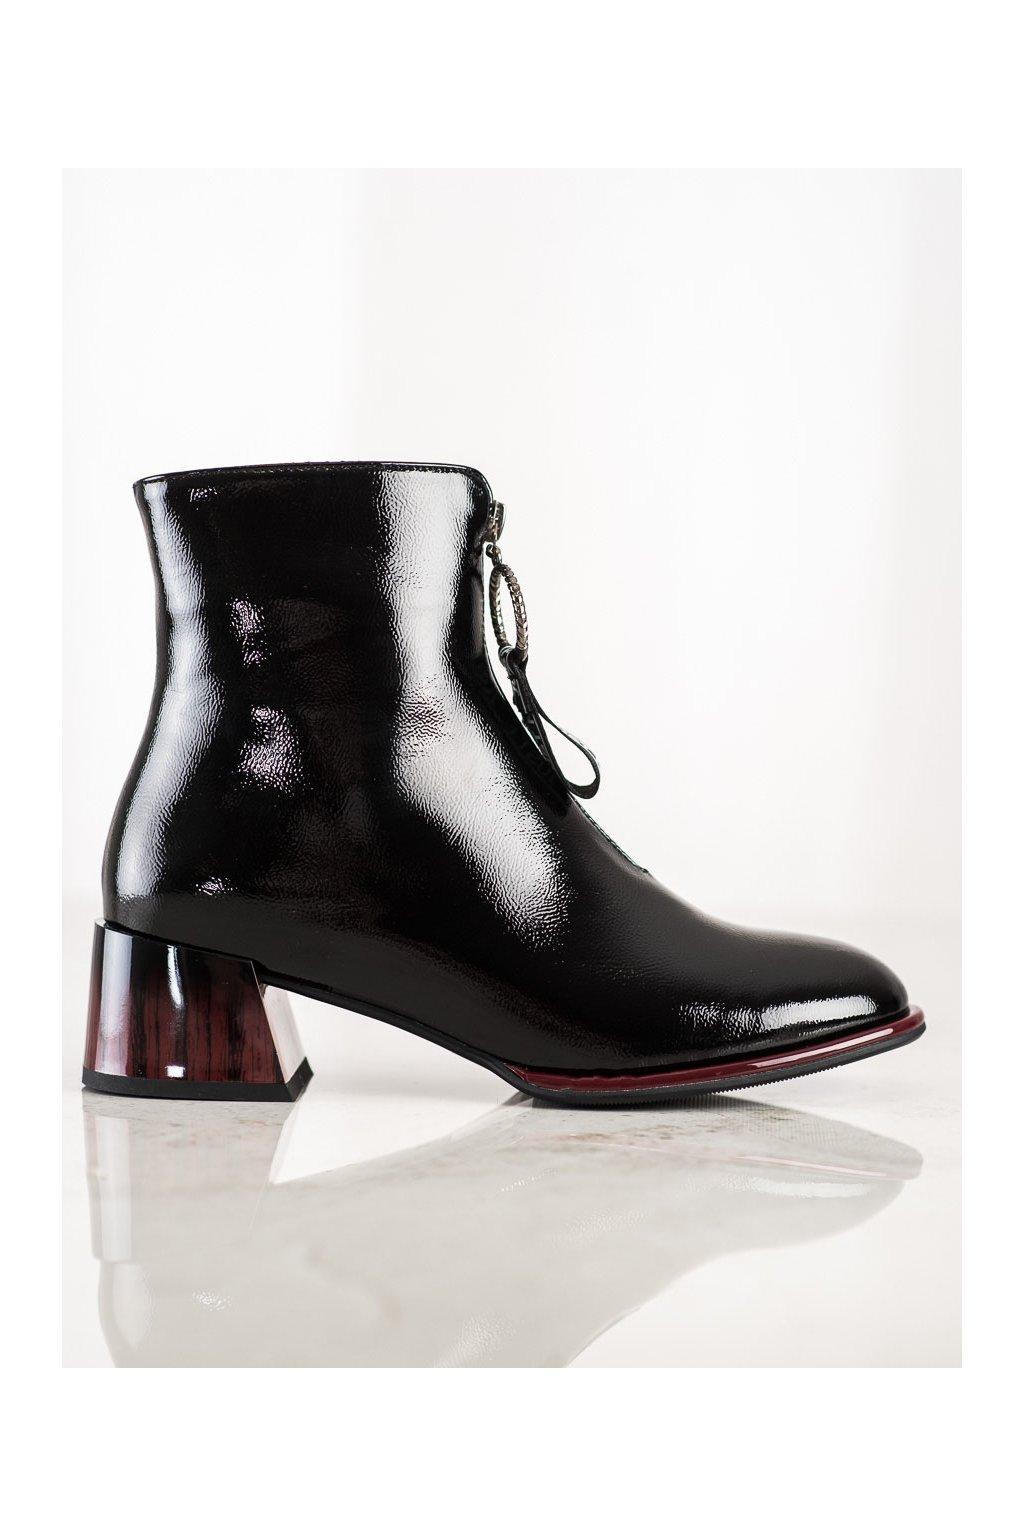 Čierne dámske topánky S. barski kod S43B